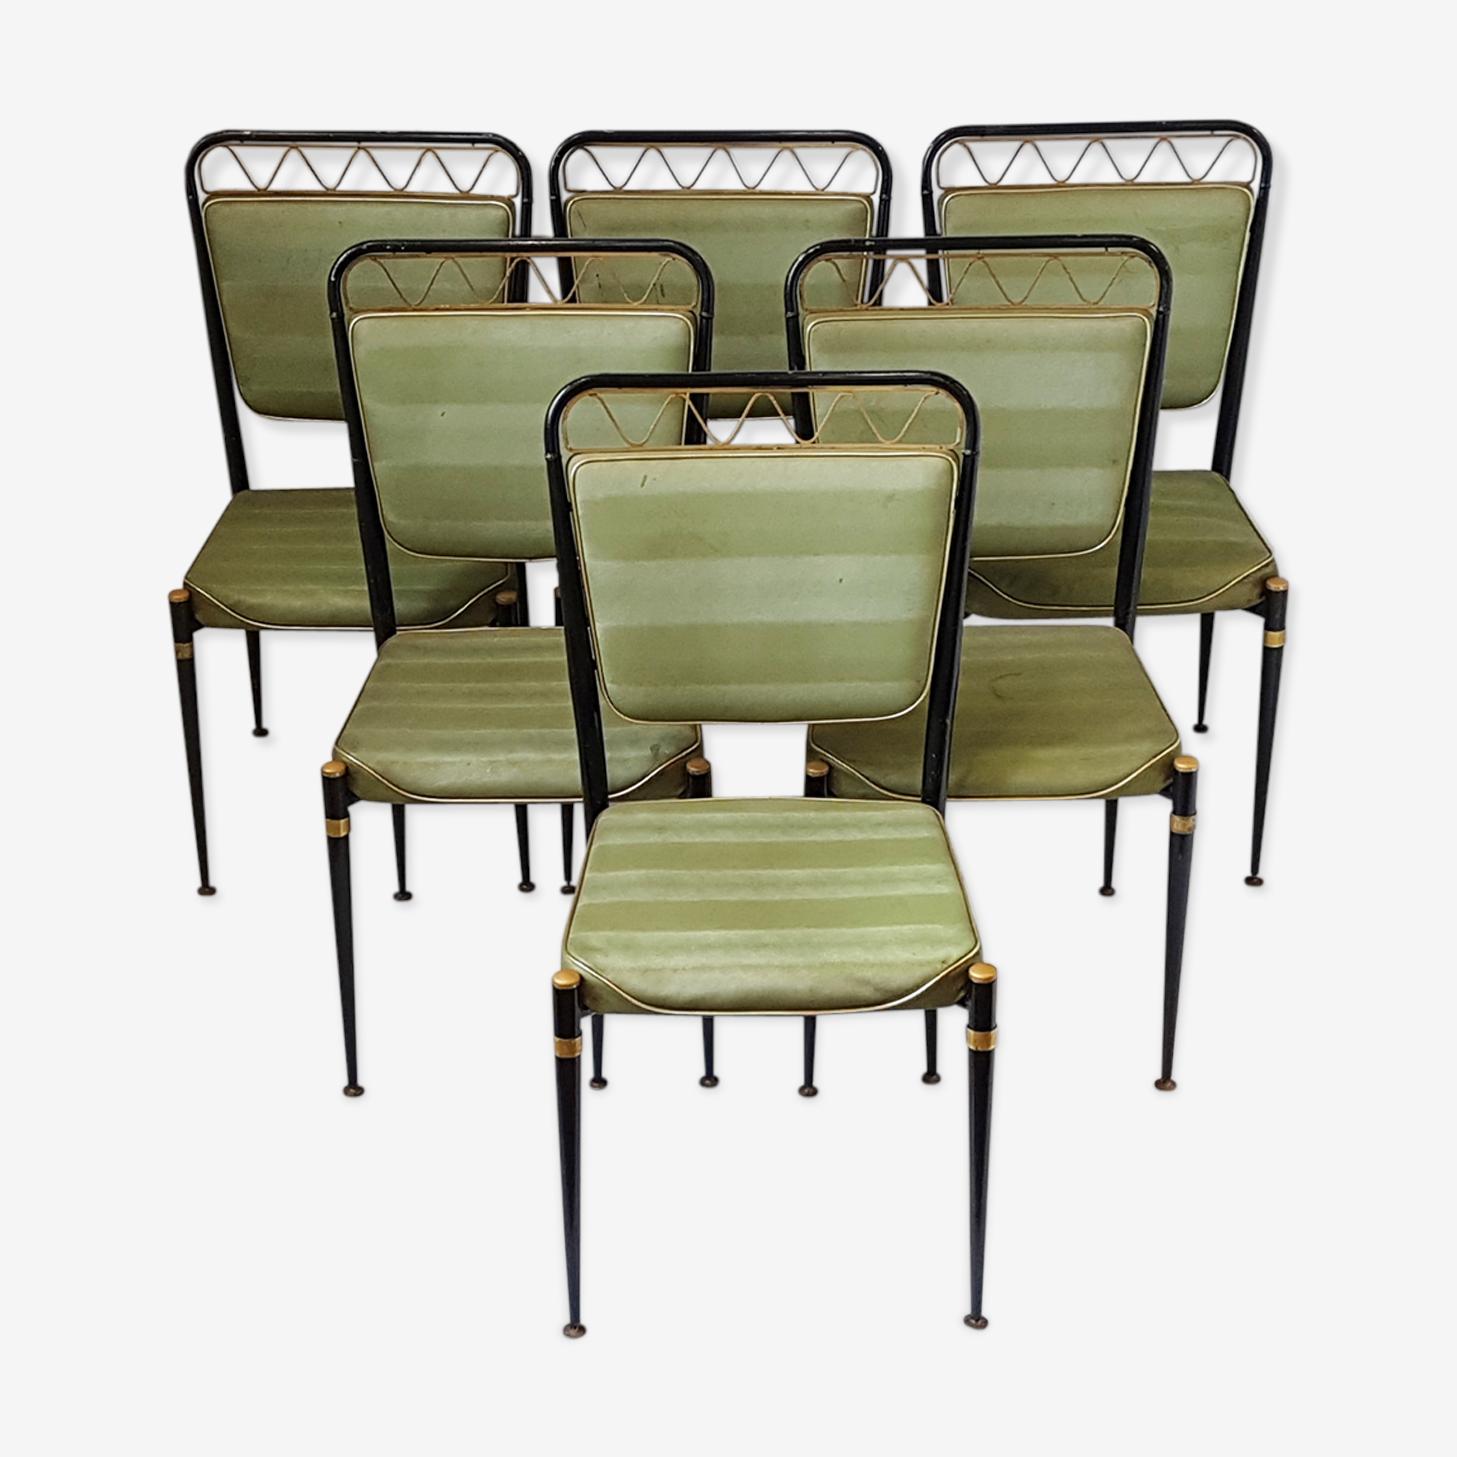 Suite de 6 chaises 1950 vintage